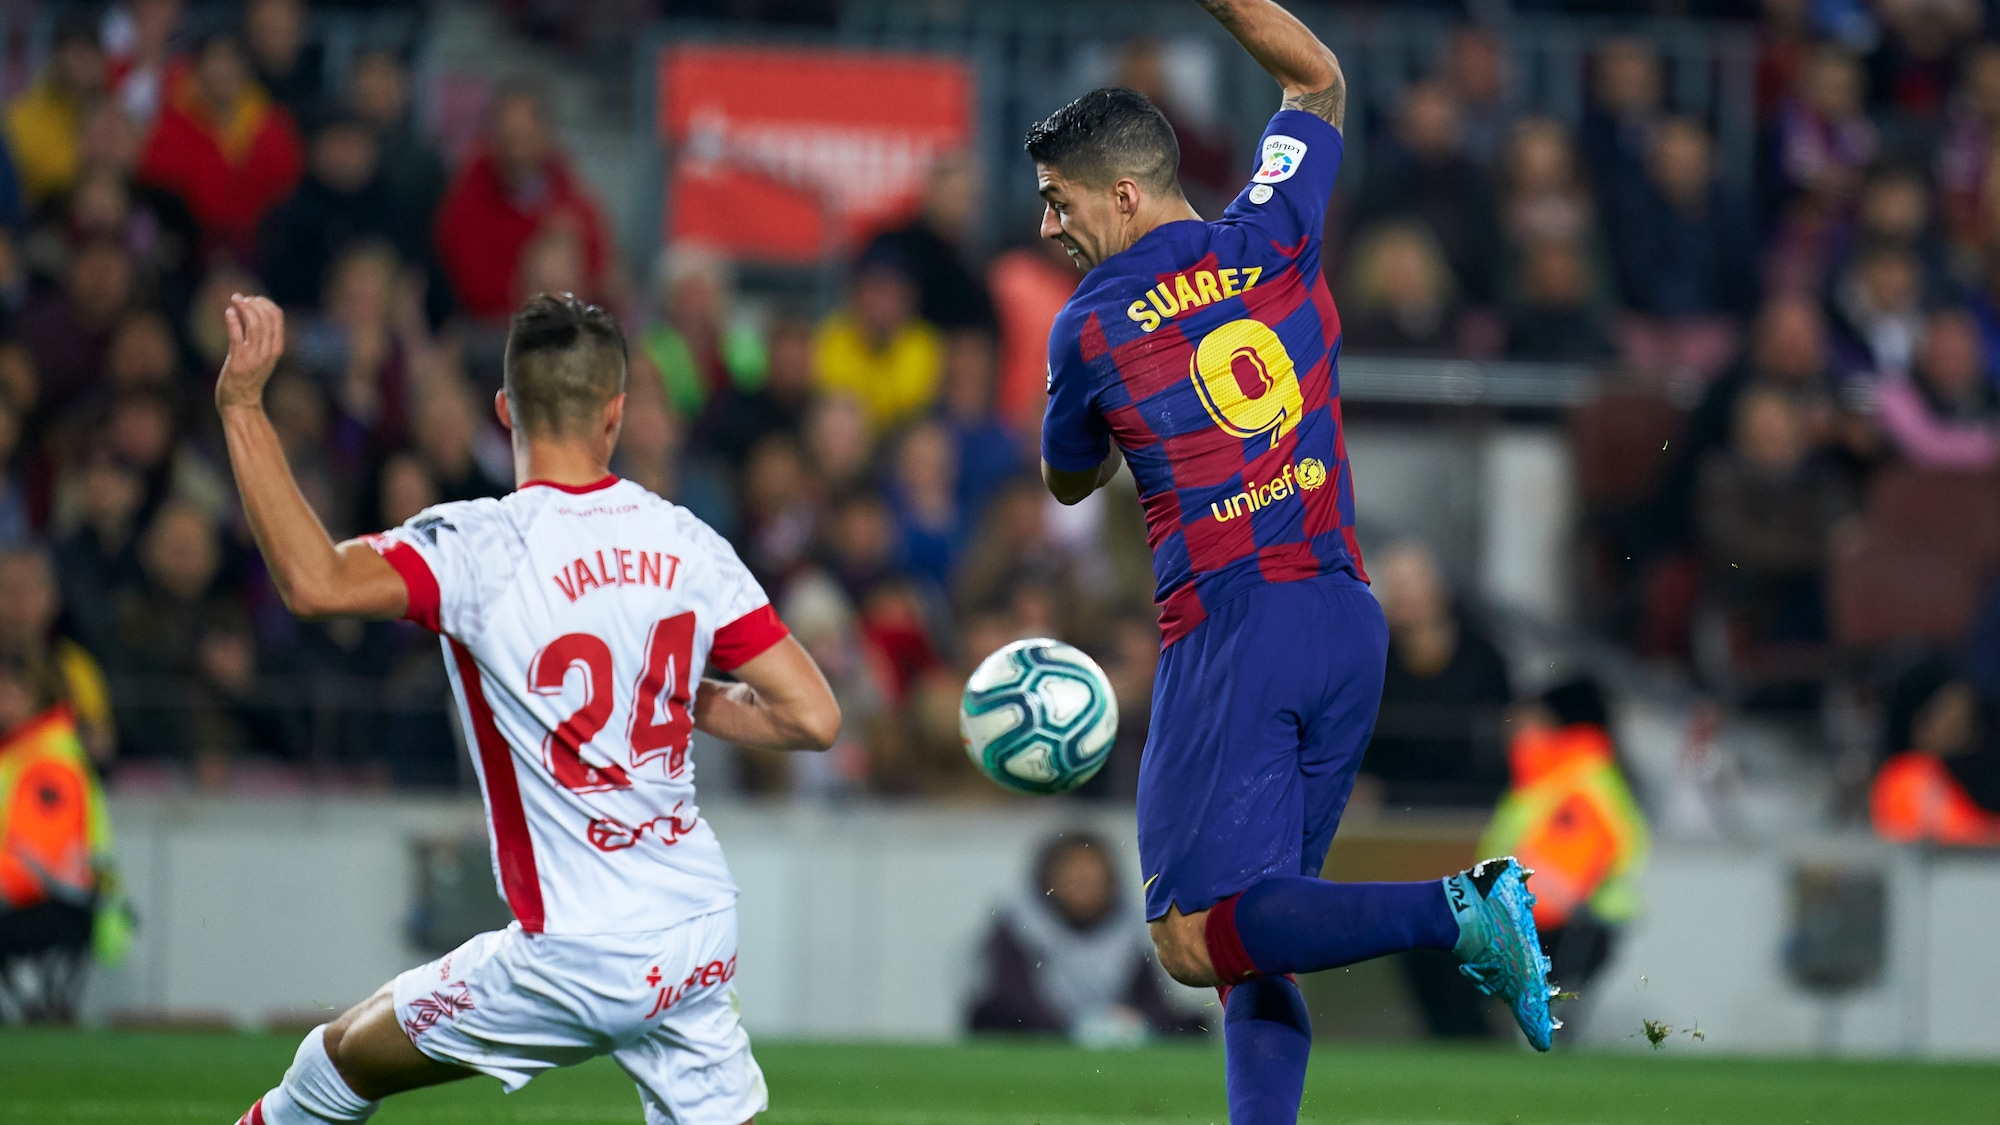 Unglaubliches Barça-Tor: Luis Suarez schliesst Tiki-Taka-Angriff mit Hacke ab